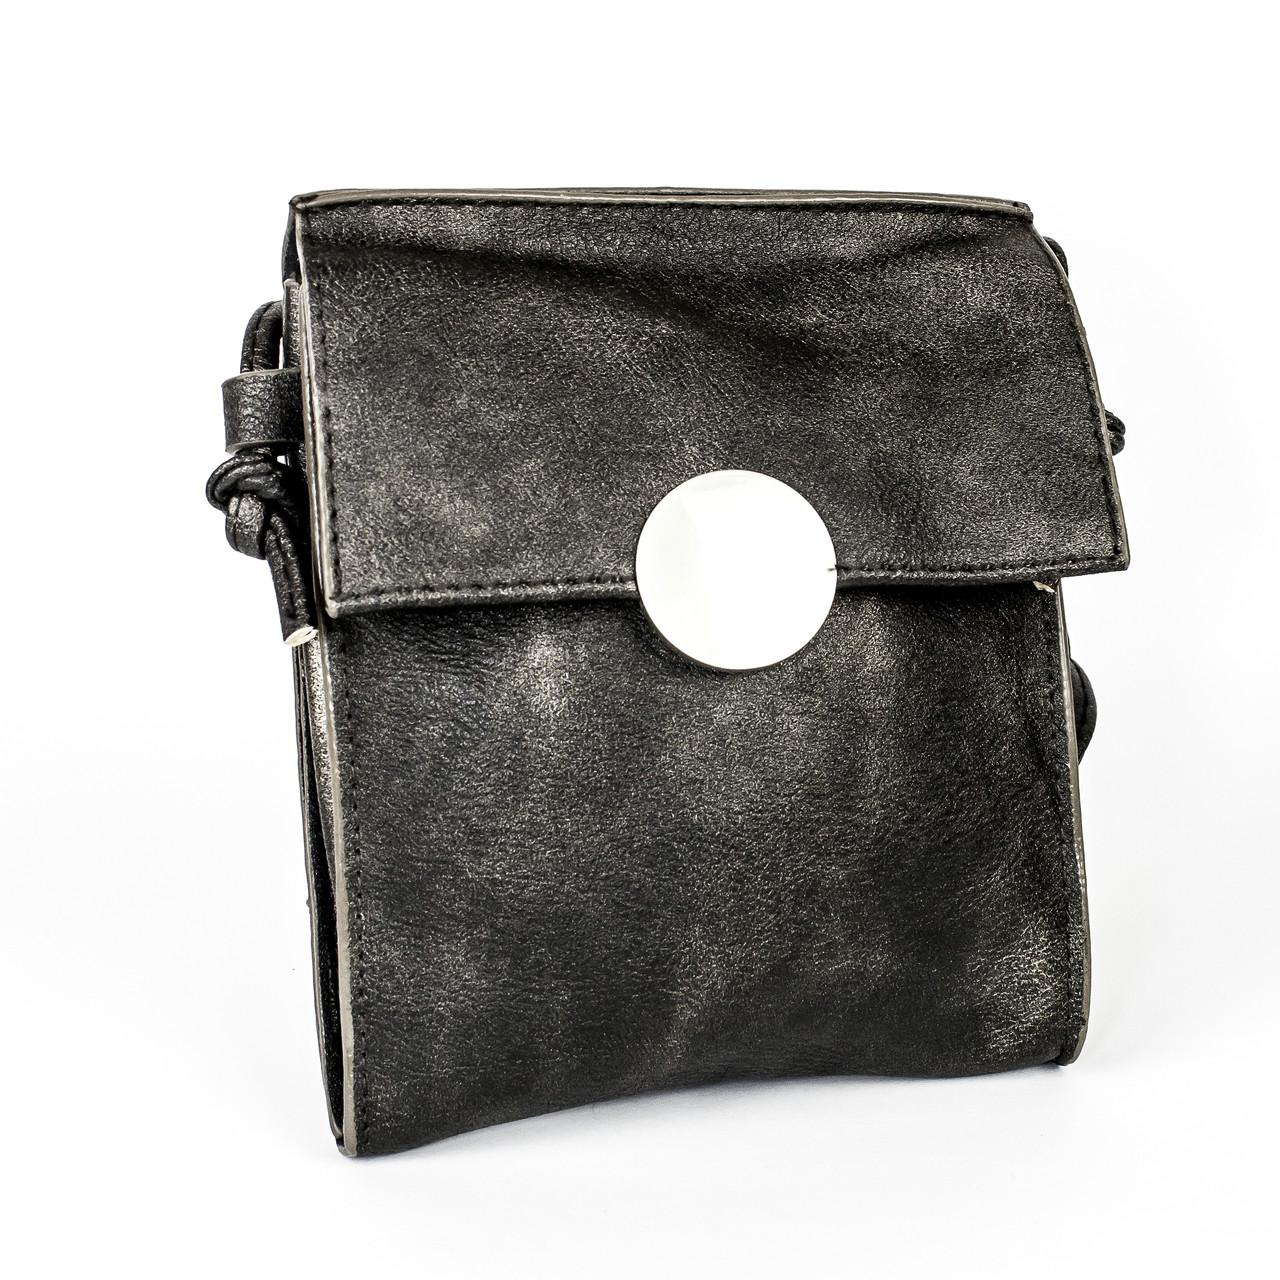 Черная сумочка из эко-кожи с плечевым ремешком